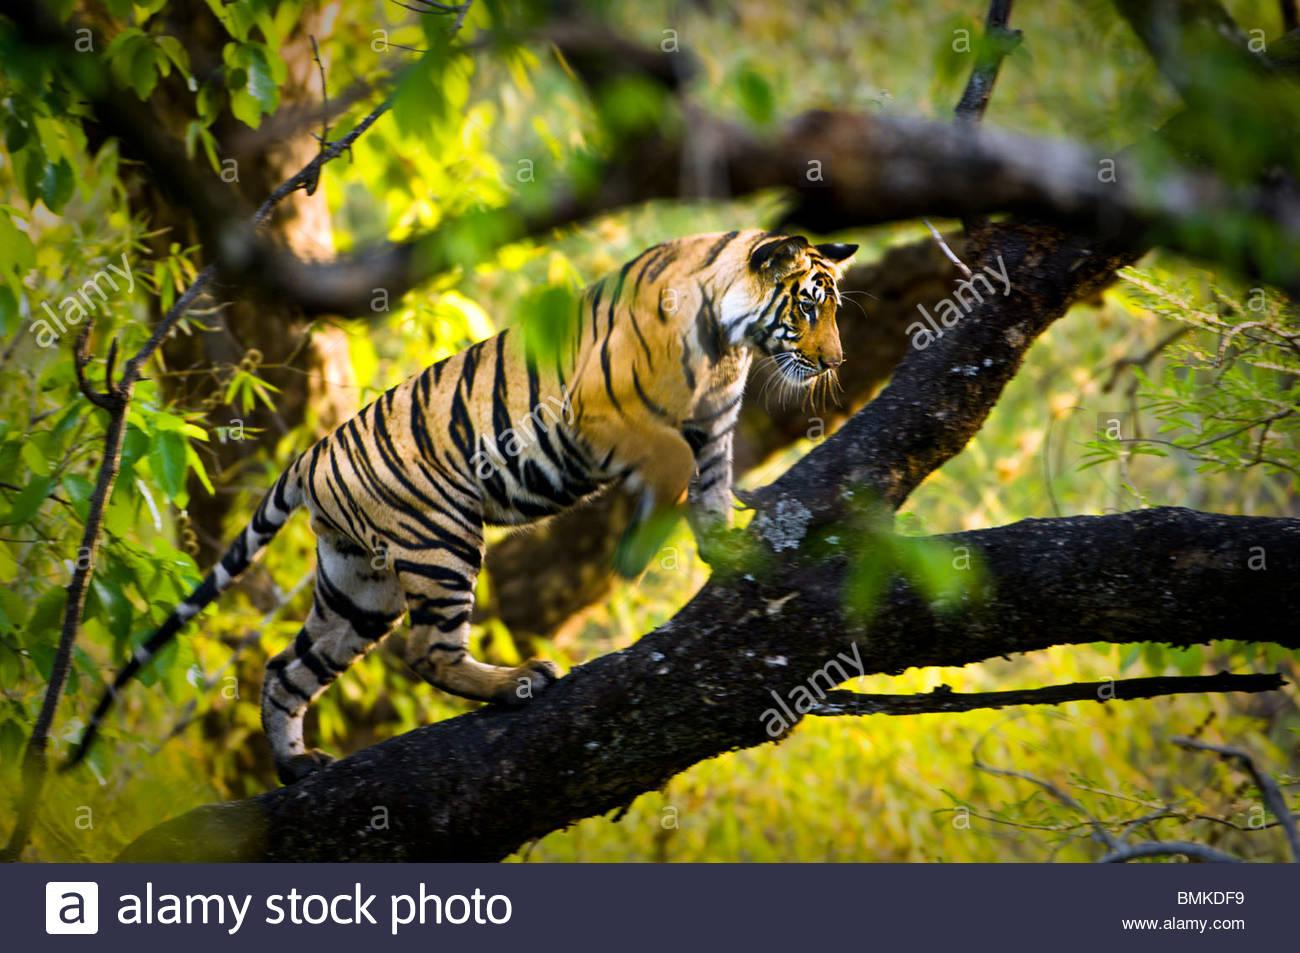 Adolescente di sesso maschile tigre del Bengala (circa quindici mesi) di arrampicarsi su un albero. Bandhavgarh Immagini Stock